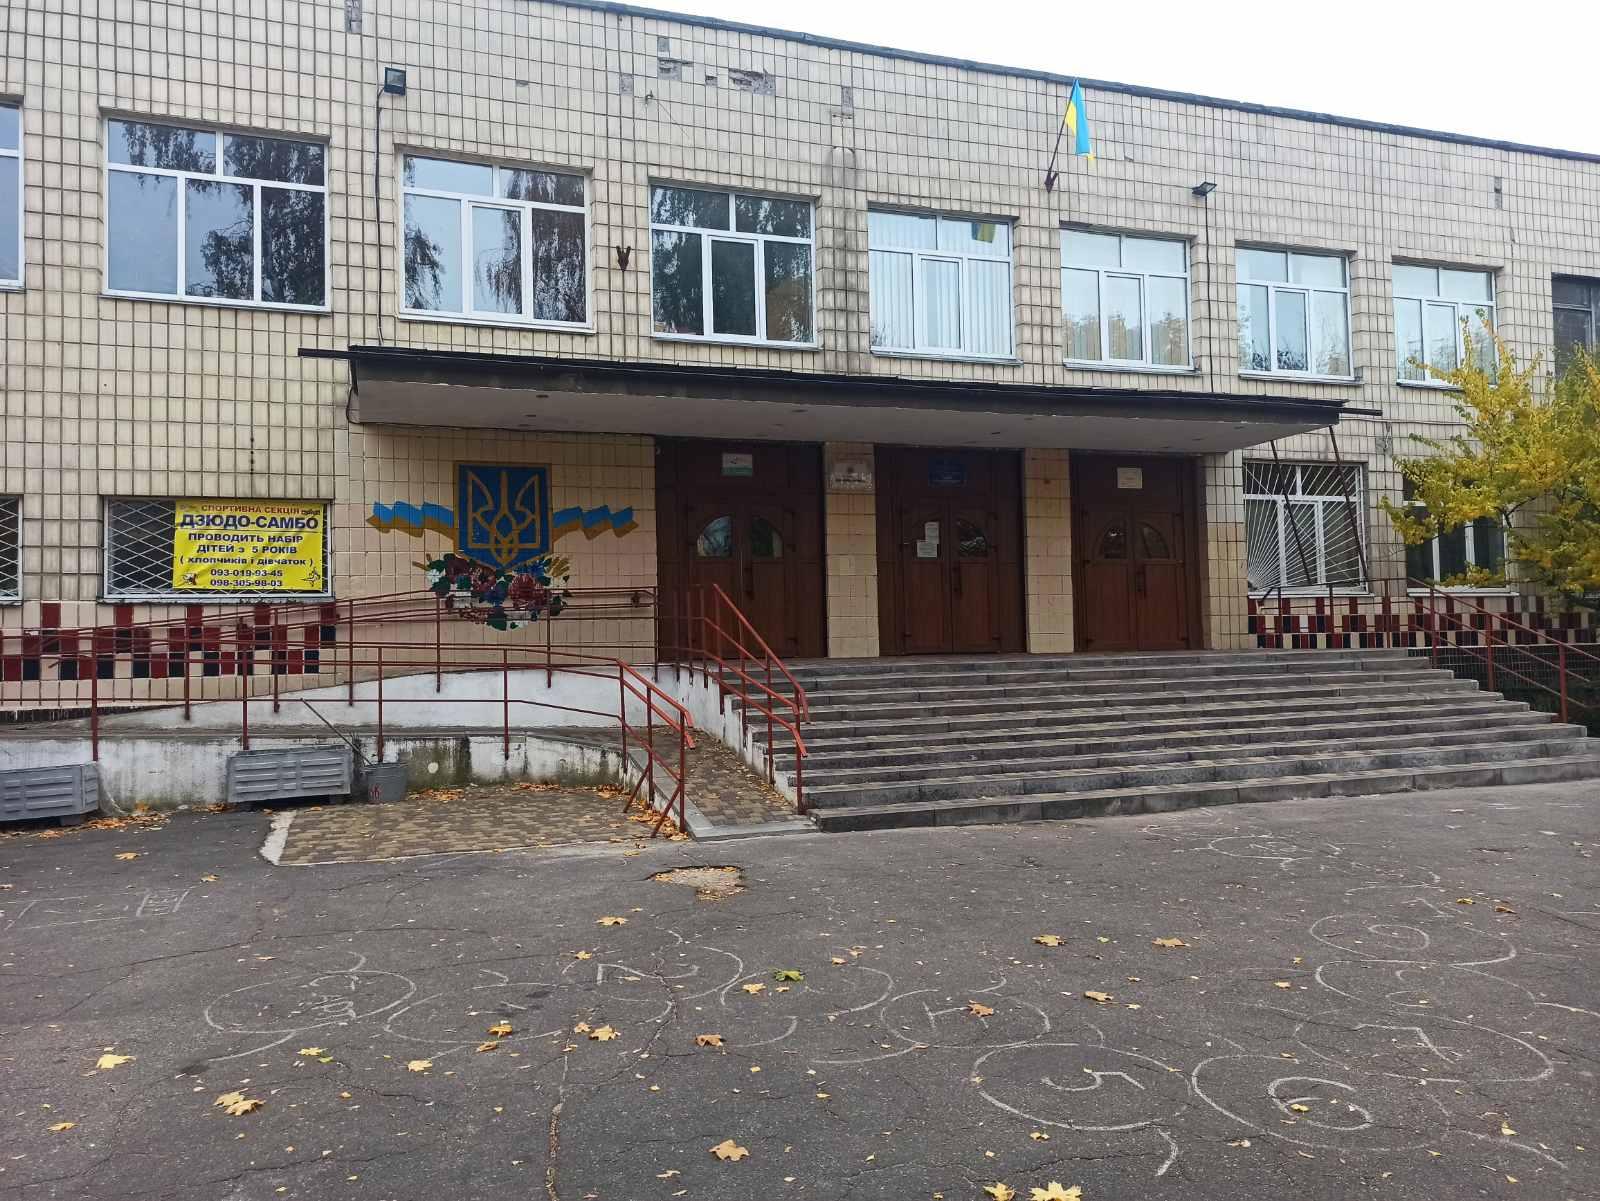 Електронний аукціон на надання в оренду нежитлового приміщення, що знаходиться за адресою: м. Київ, просп. Лісовий, буд. 33-А, площею 270,3 кв. м